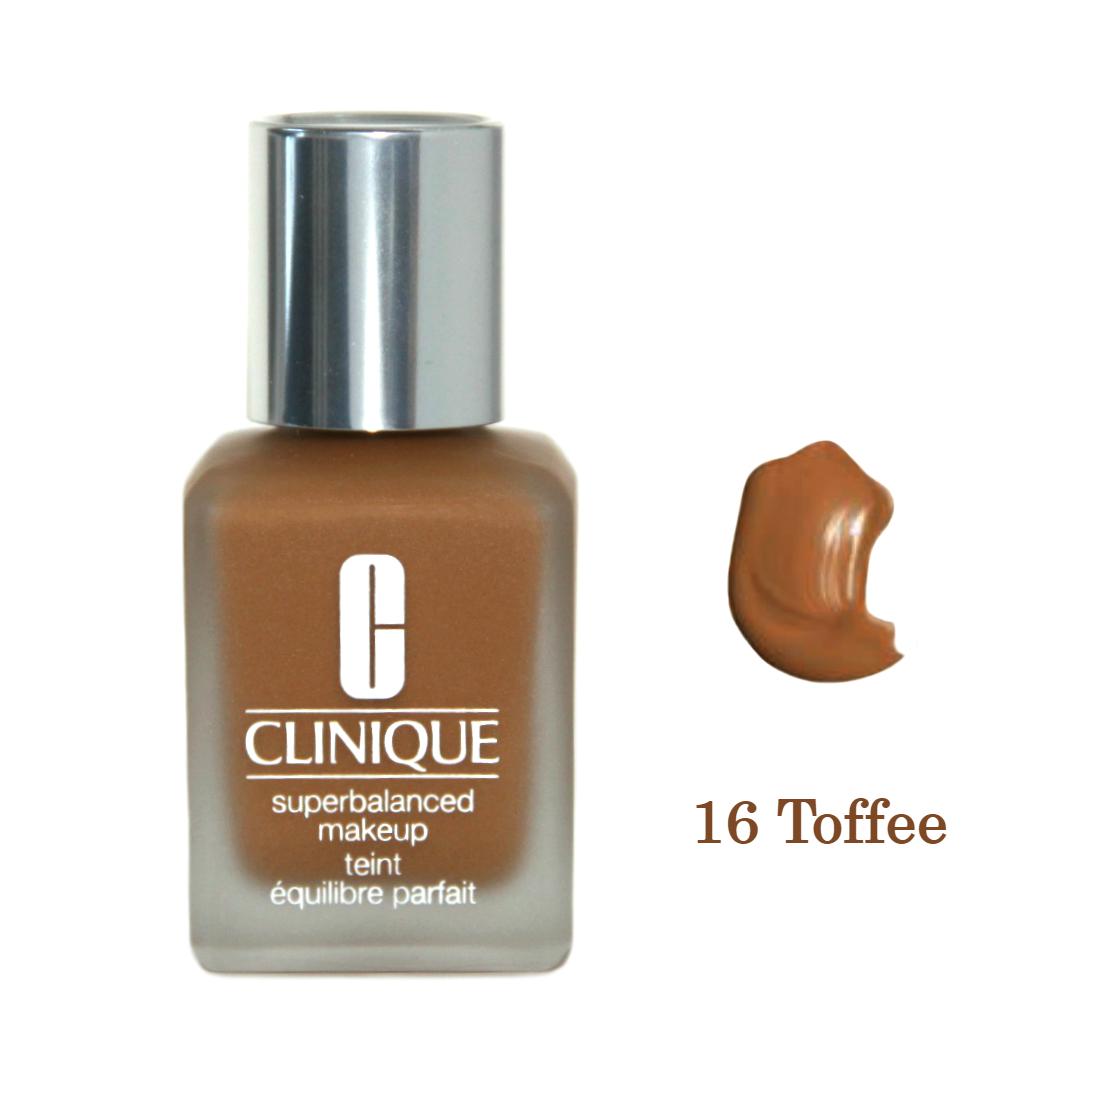 Clinique Superbalanced Makeup Foundation 1 fl oz - 08